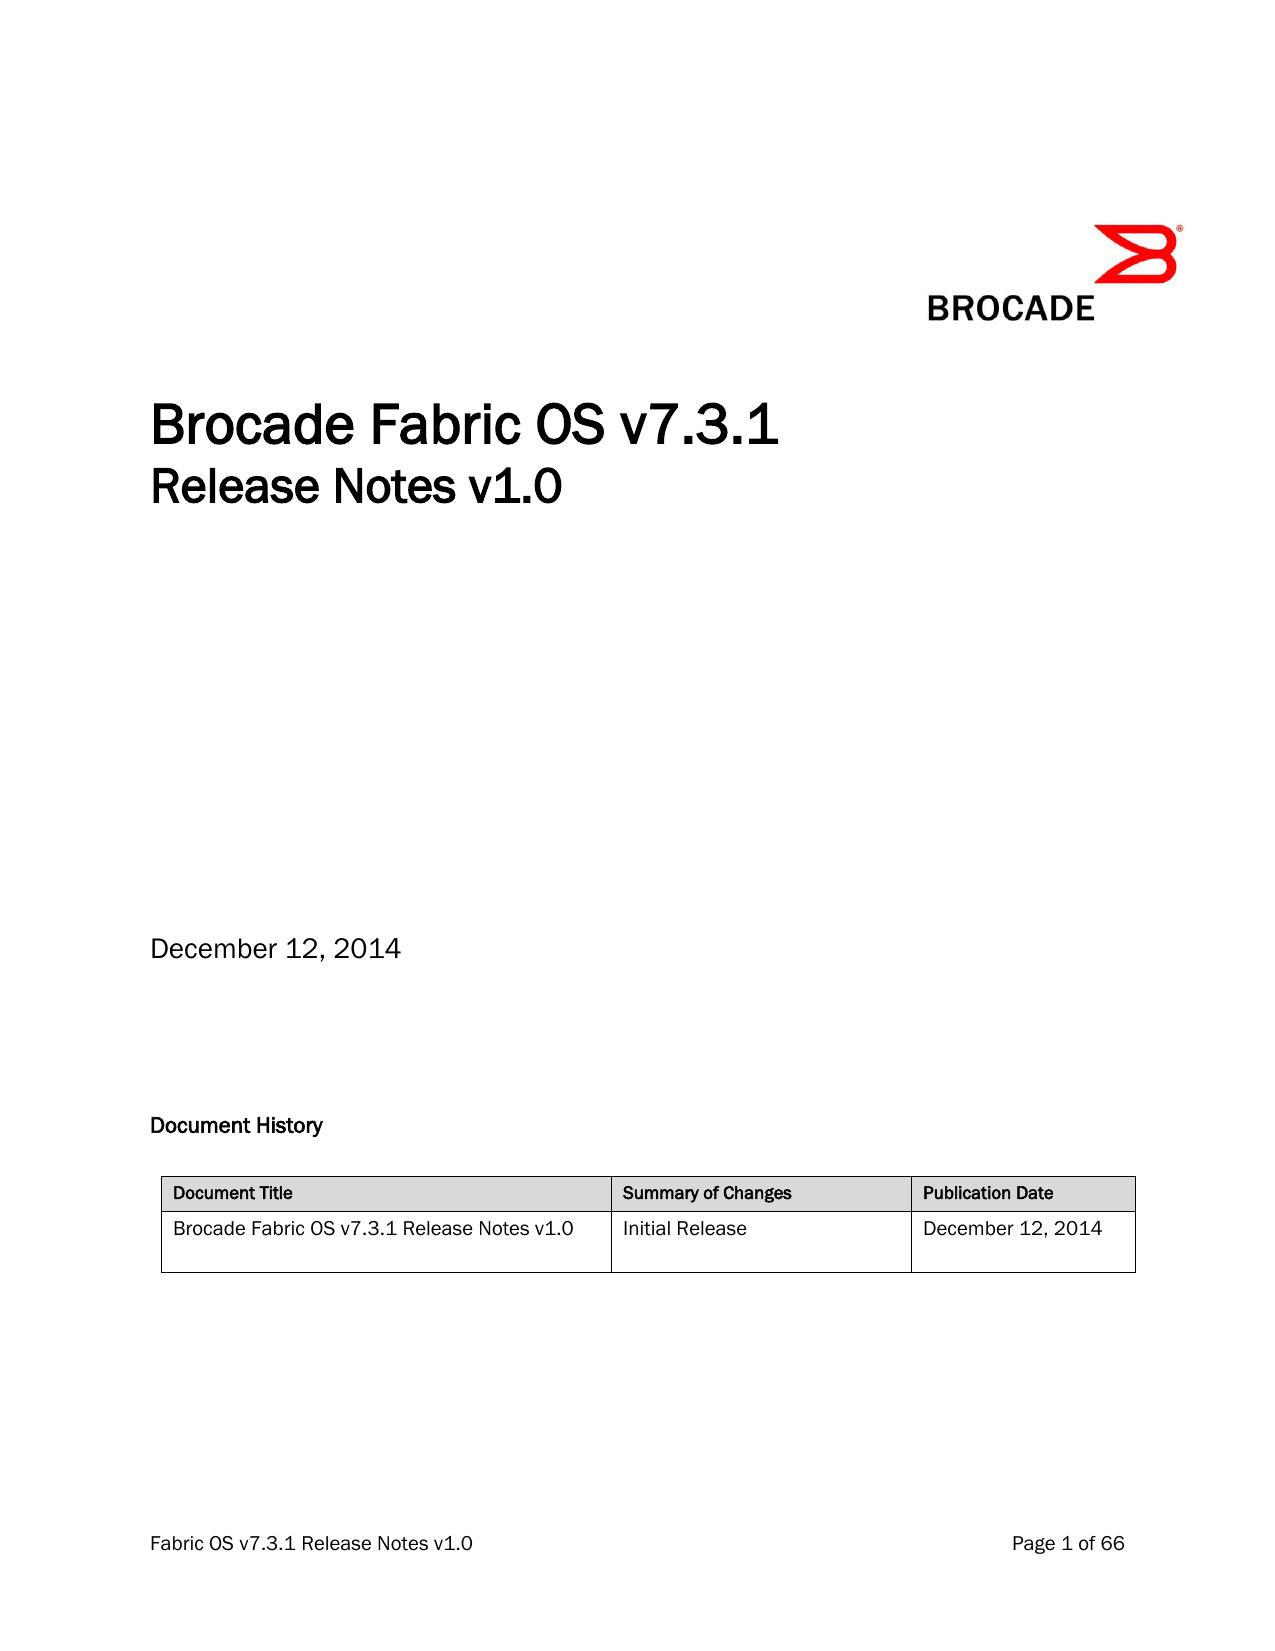 Brocade Fabric OS v7 3 0 release notes | manualzz com